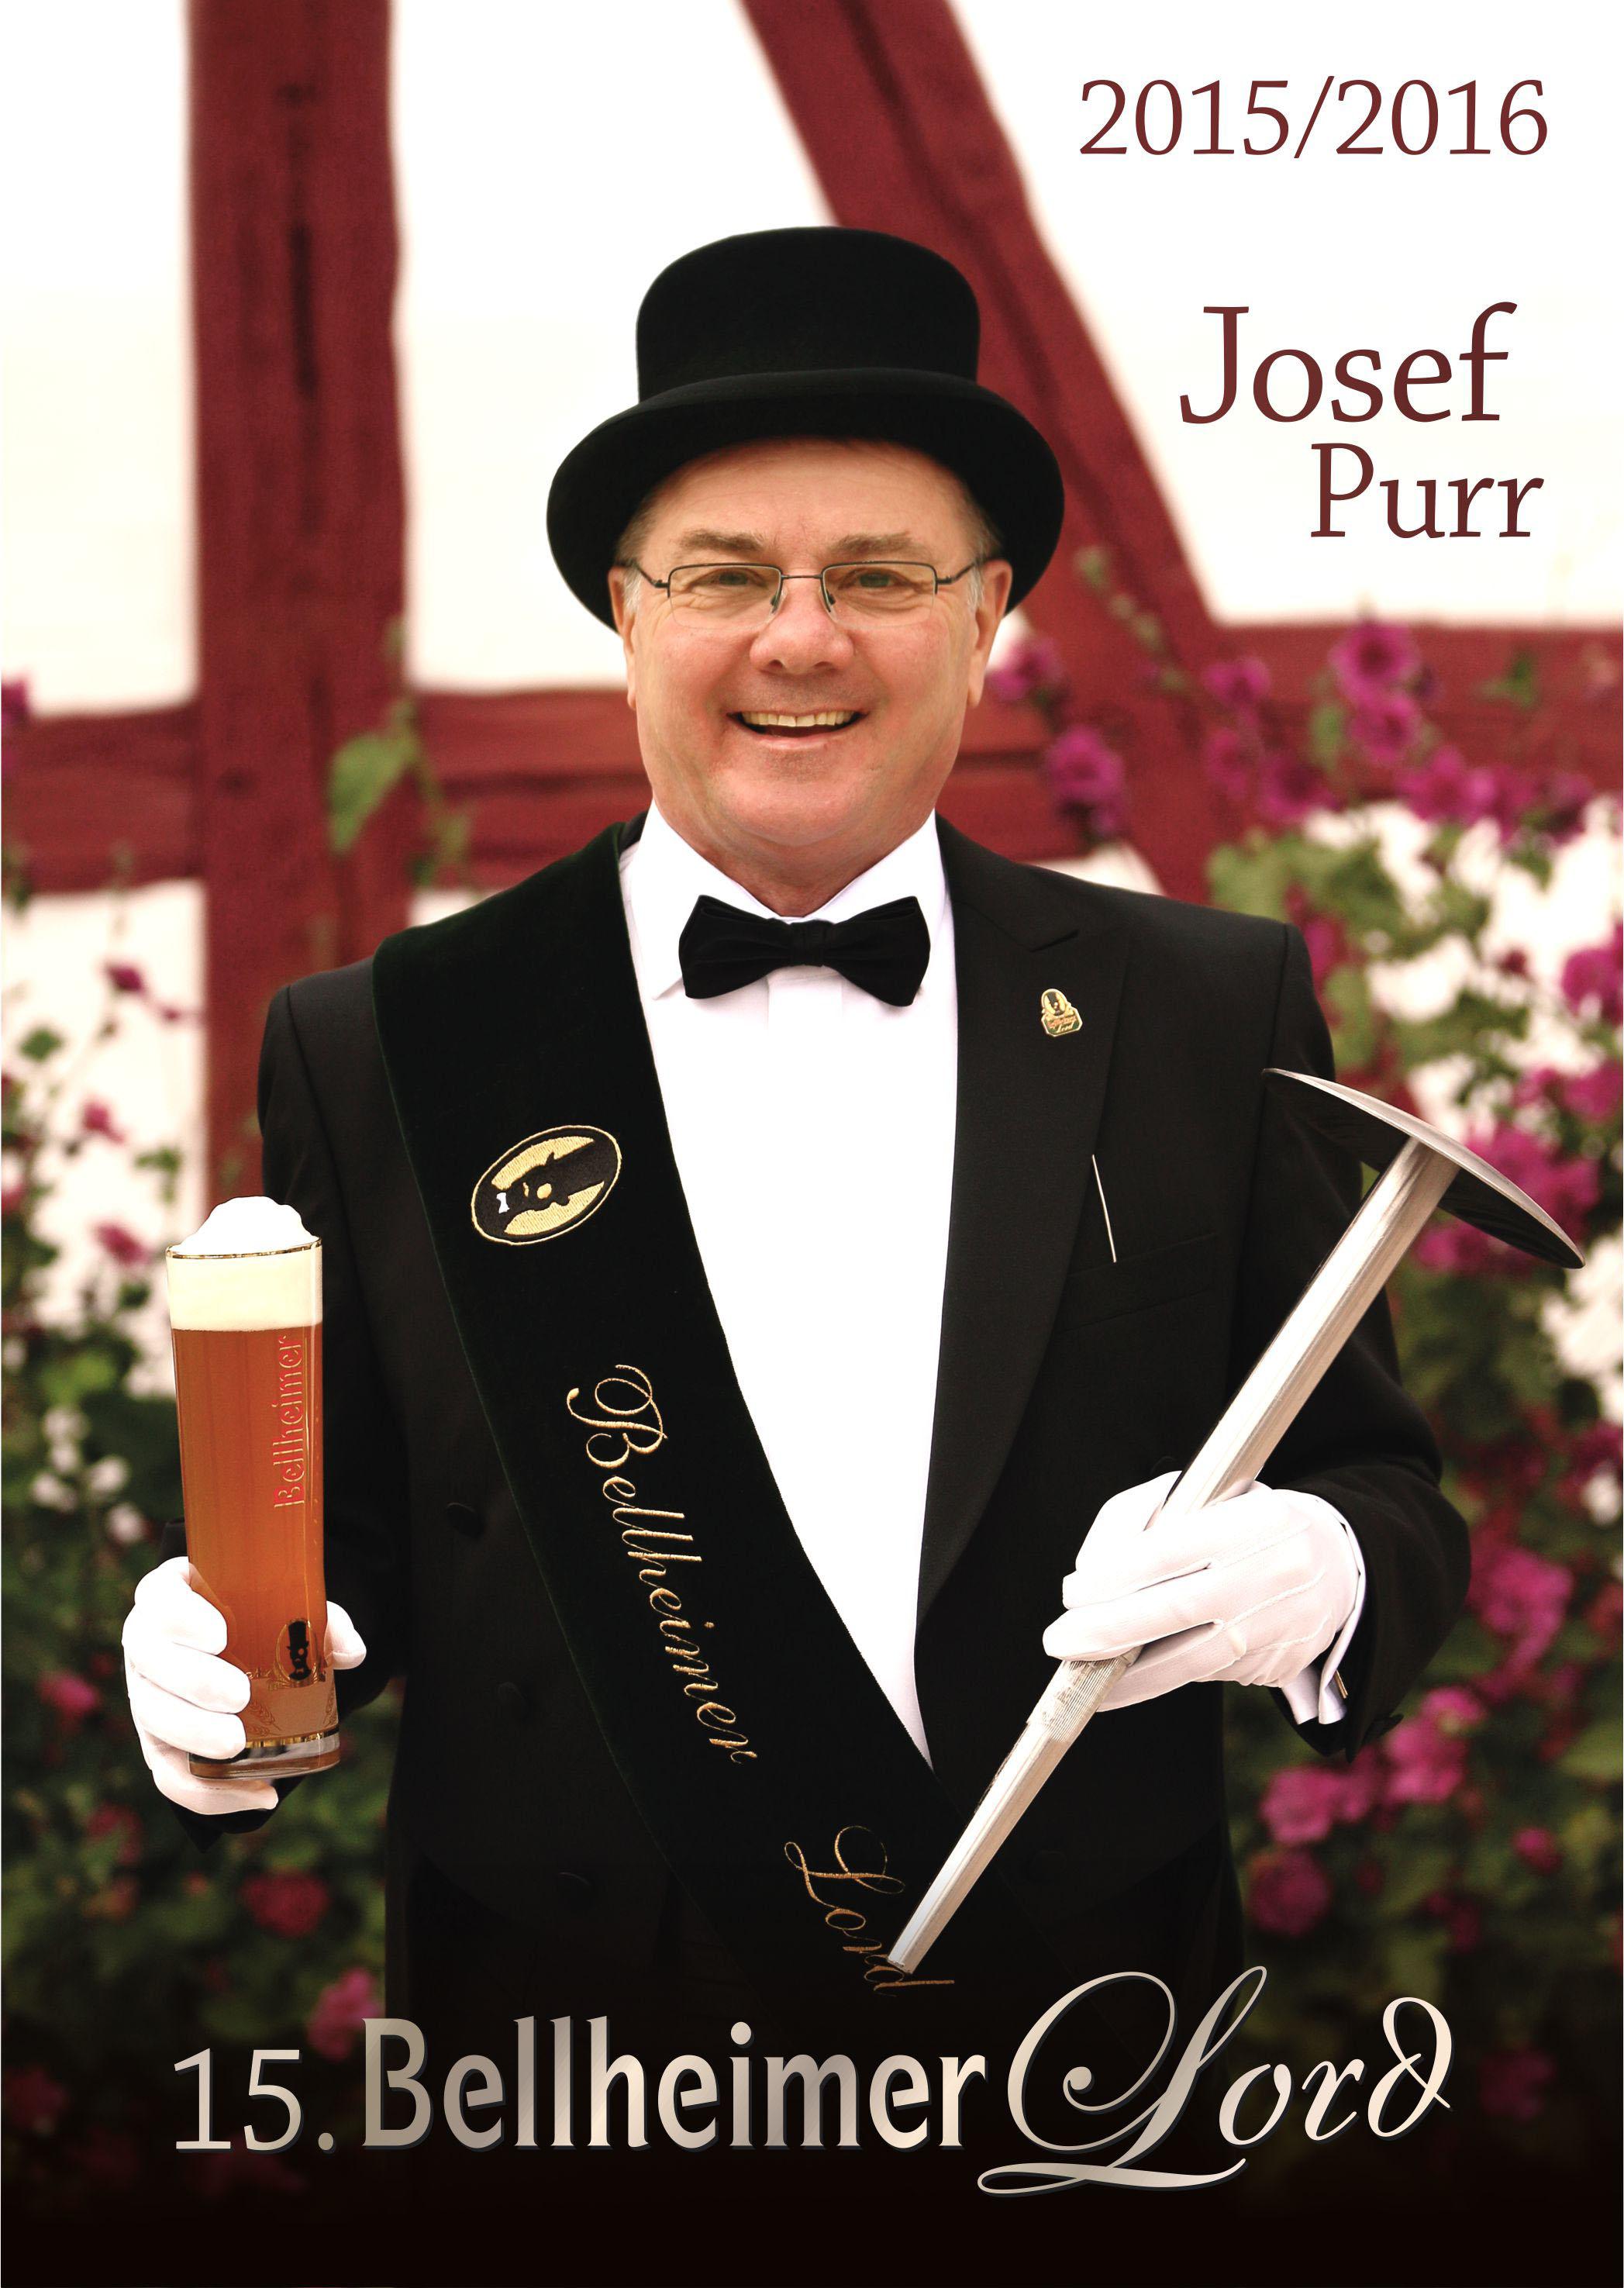 Lord Josef